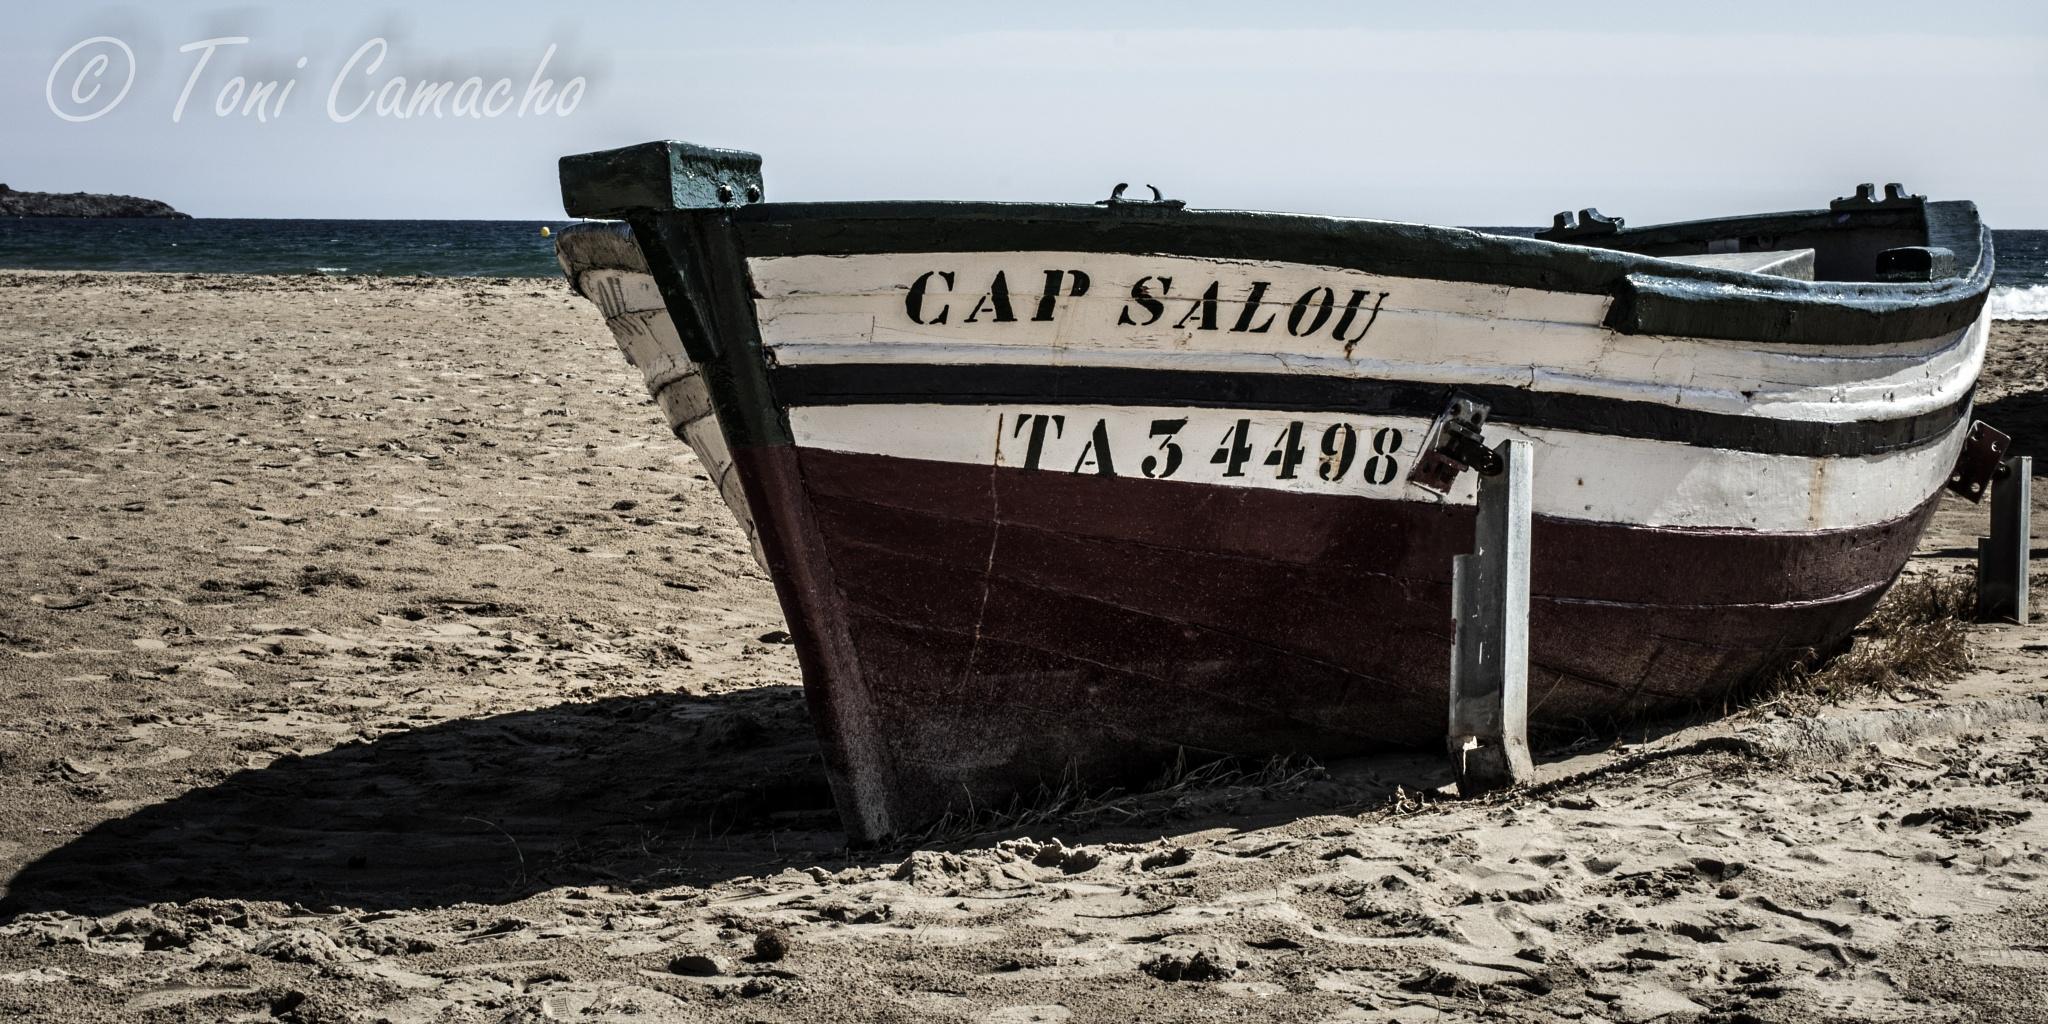 Barca de pesca by Toni Camacho